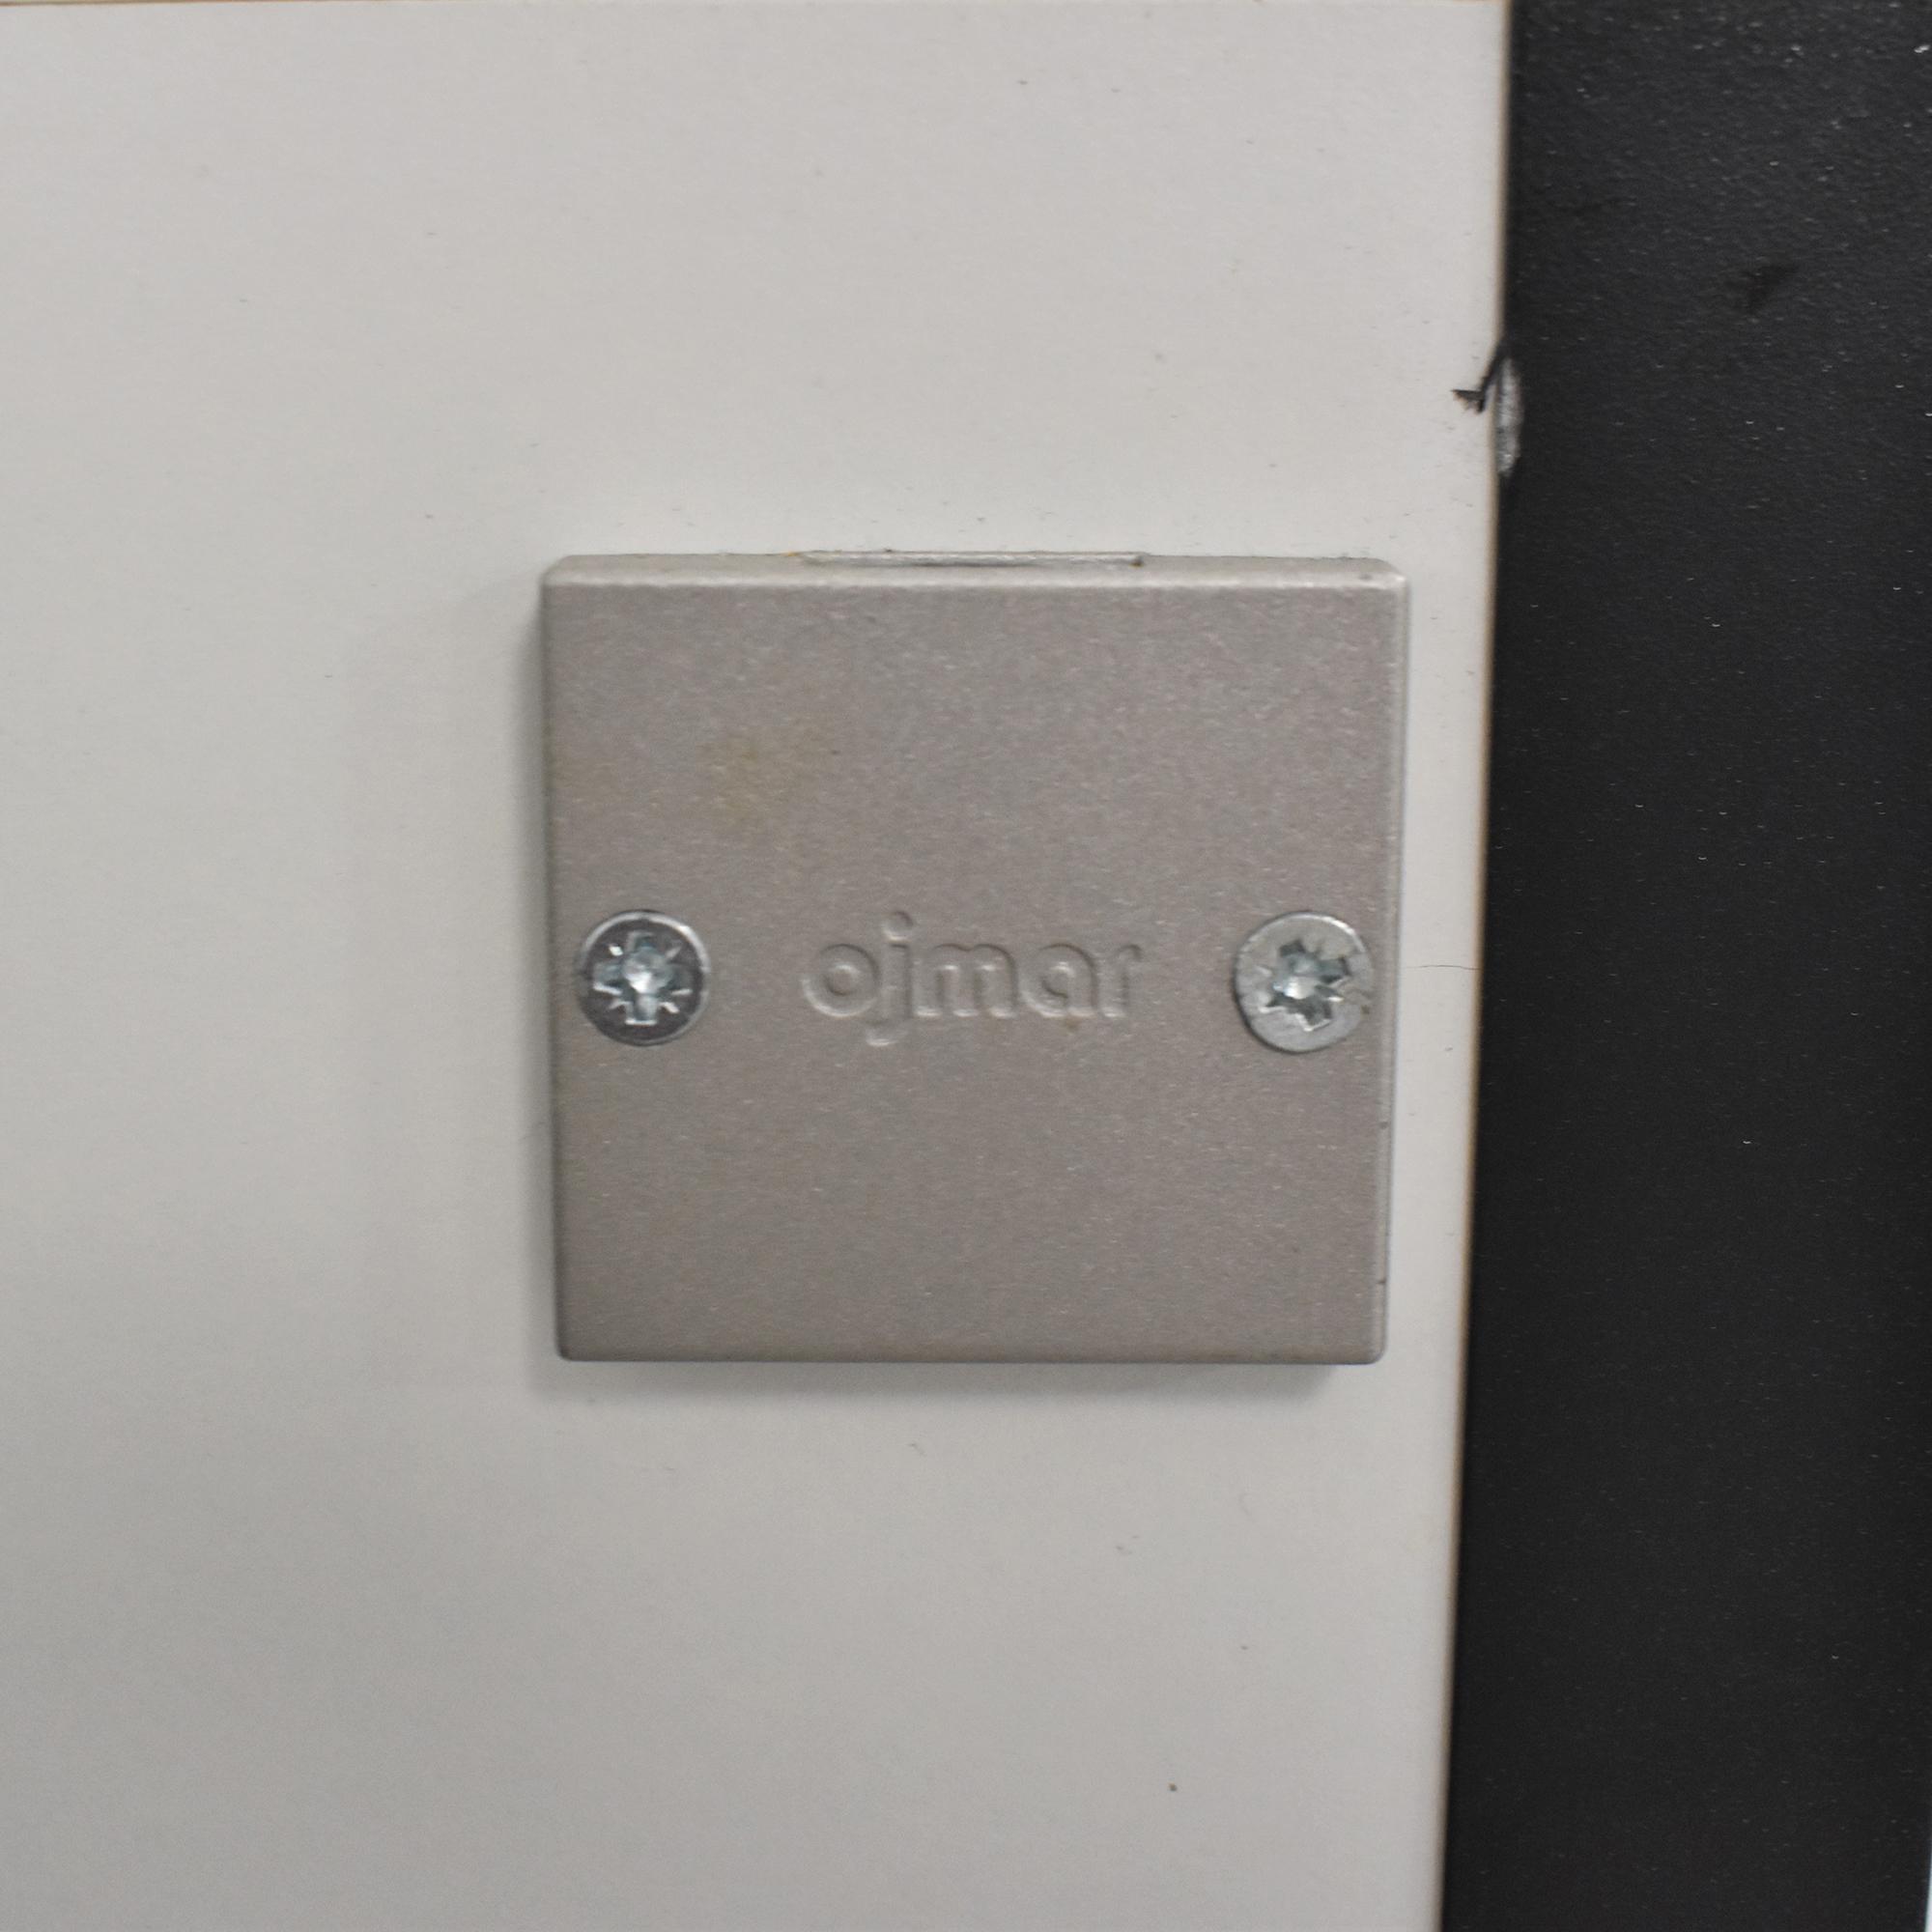 Koleksiyon Koleksiyon Song S2 Small Storage Cabinets dimensions